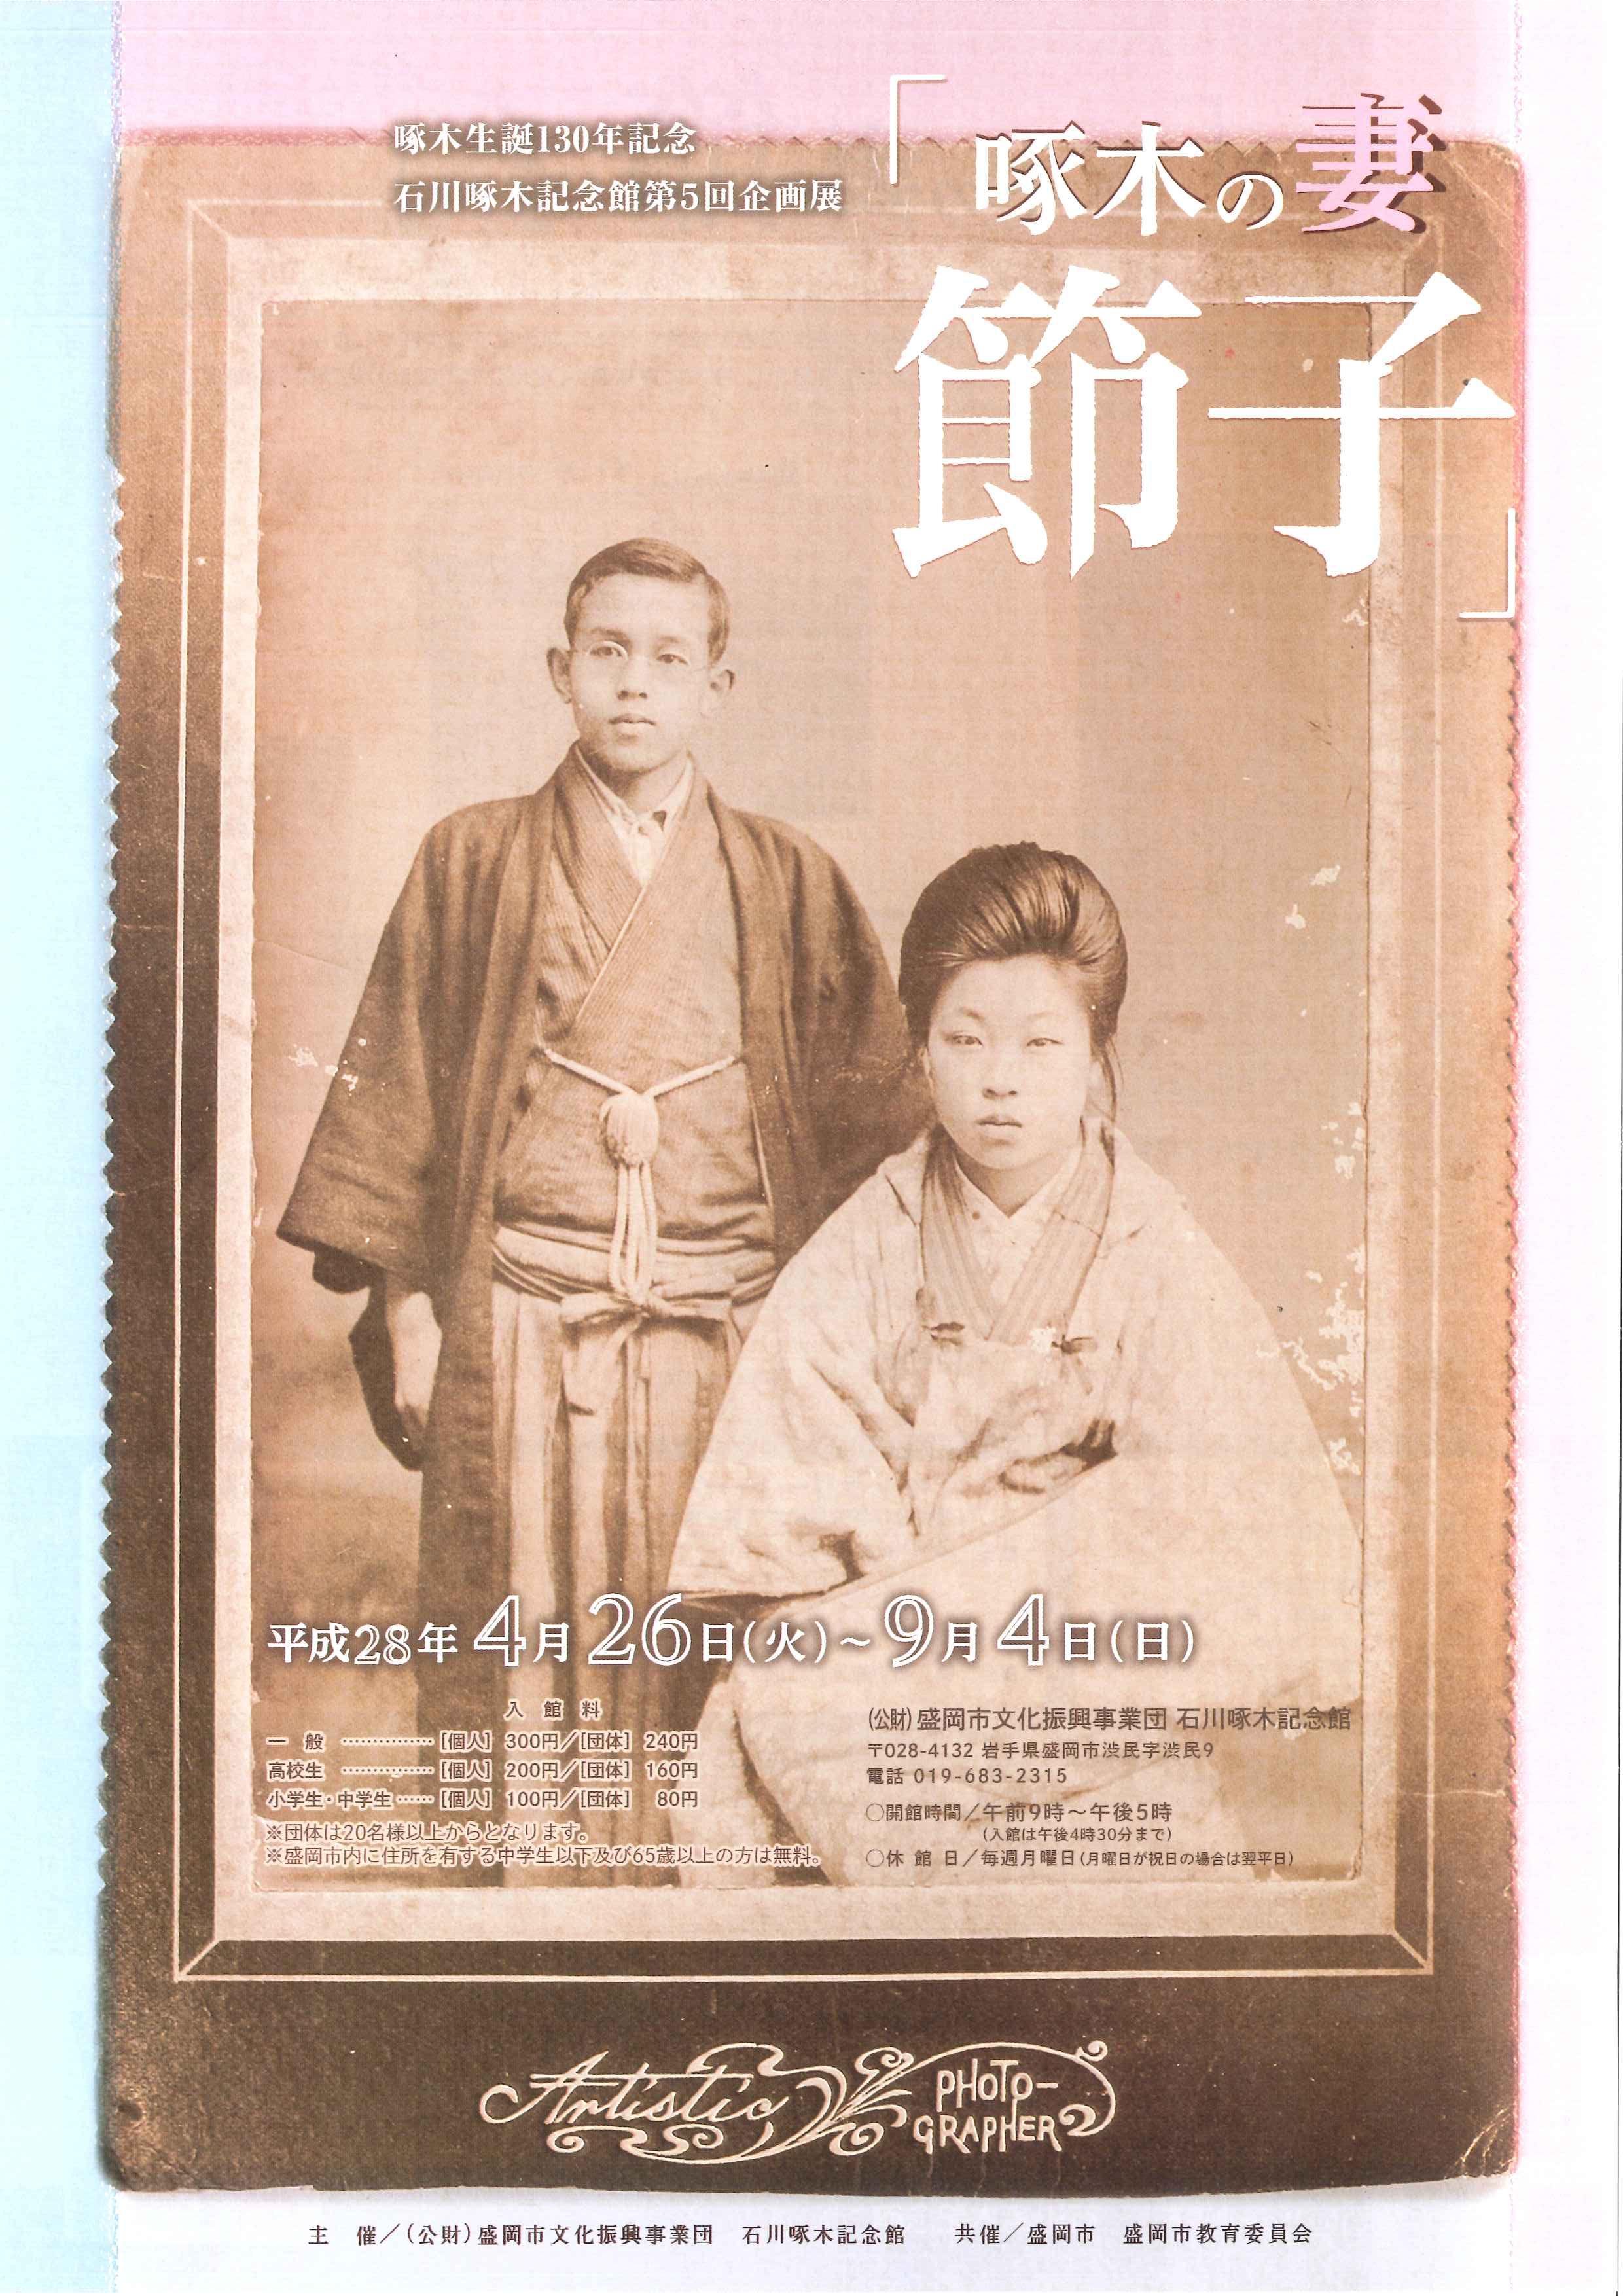 石川啄木生誕130年記念第5回企画...